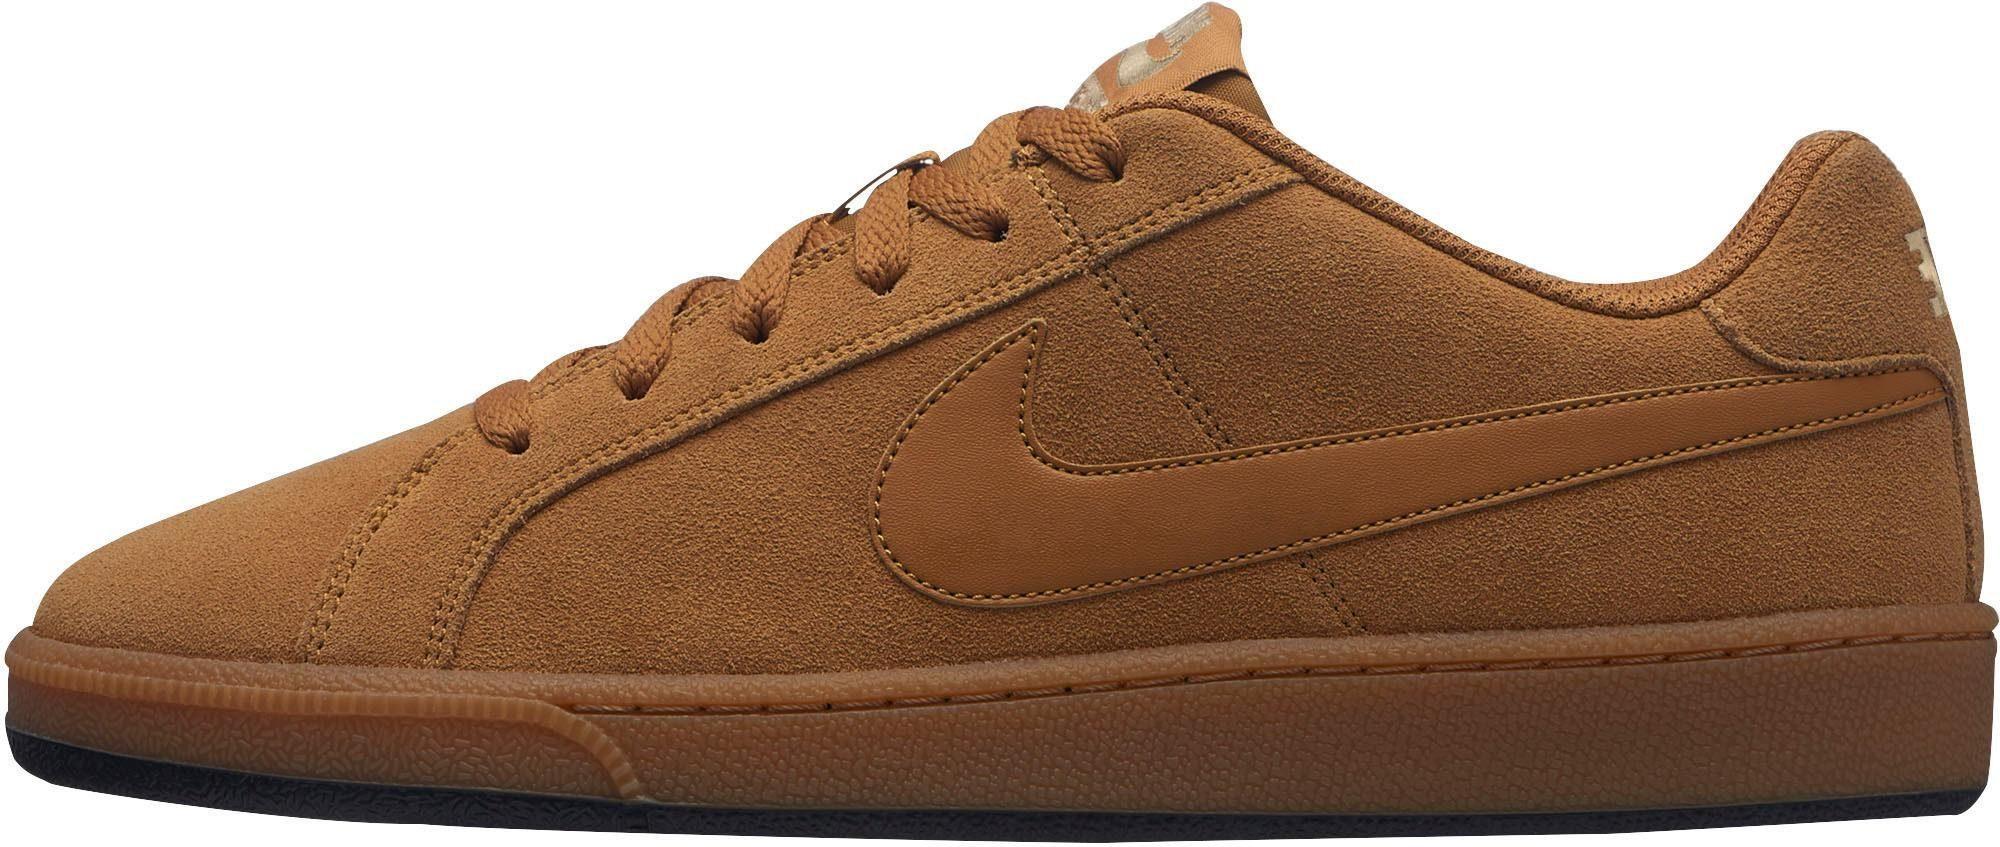 Nike Sportswear »Court Royale Suede« Sneaker, Weiches Obermaterial aus Veloursleder online kaufen | OTTO